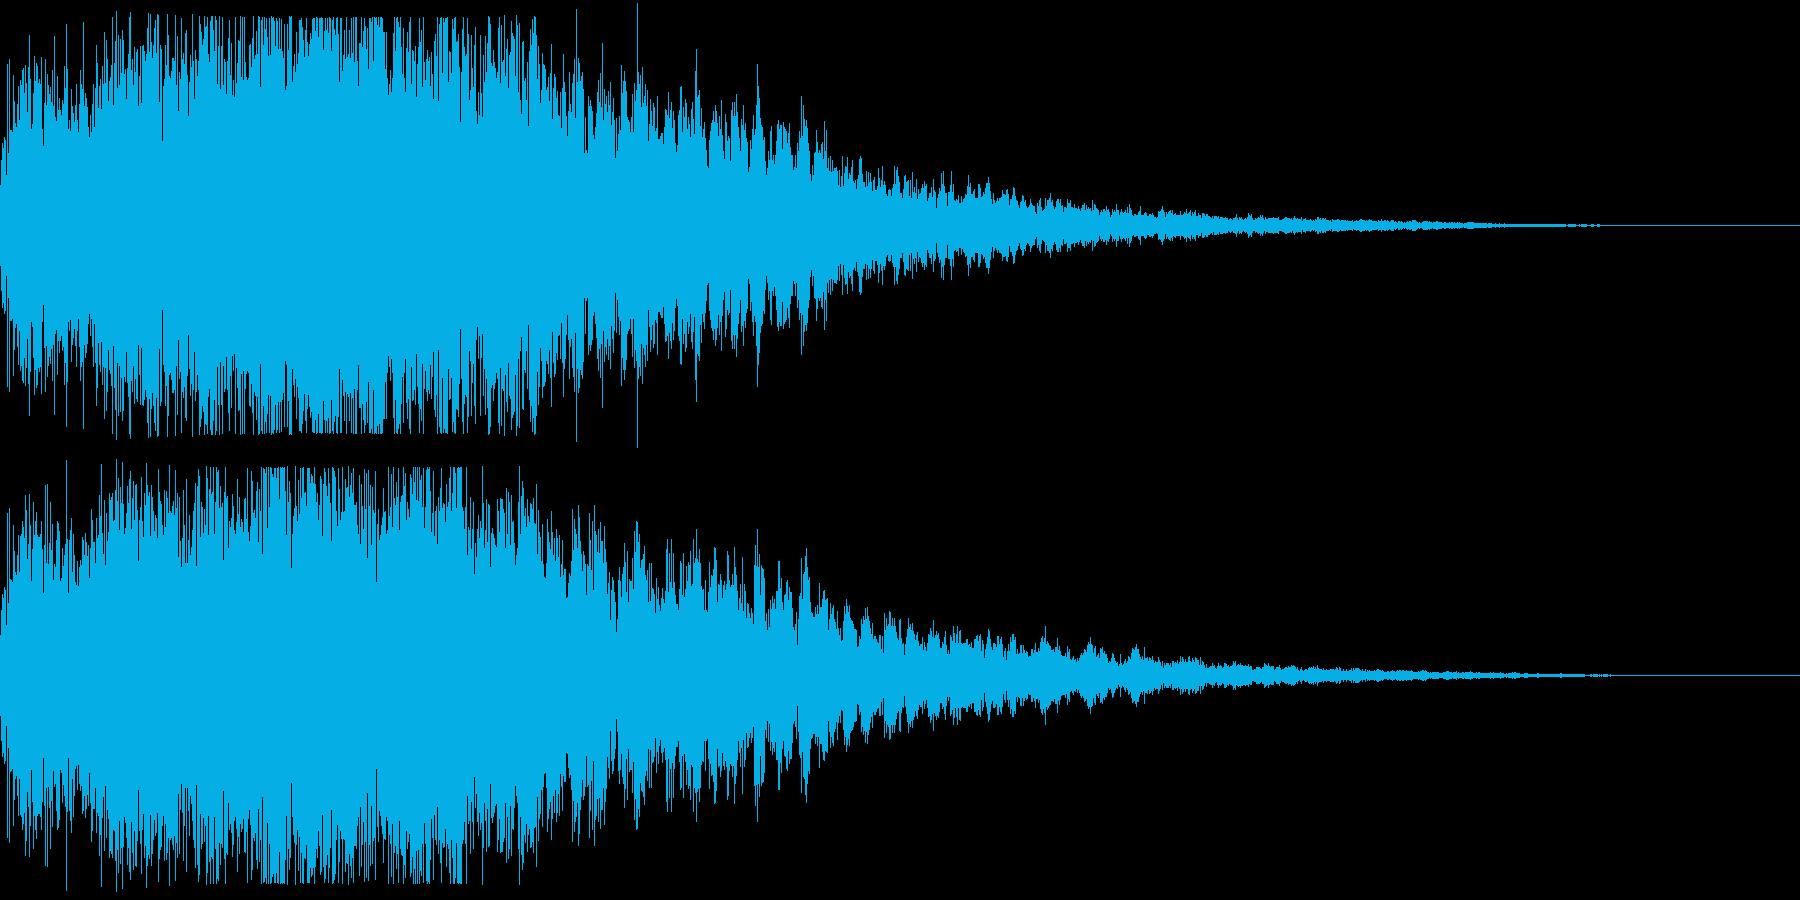 キュイン キュイーン キラリン シャキンの再生済みの波形